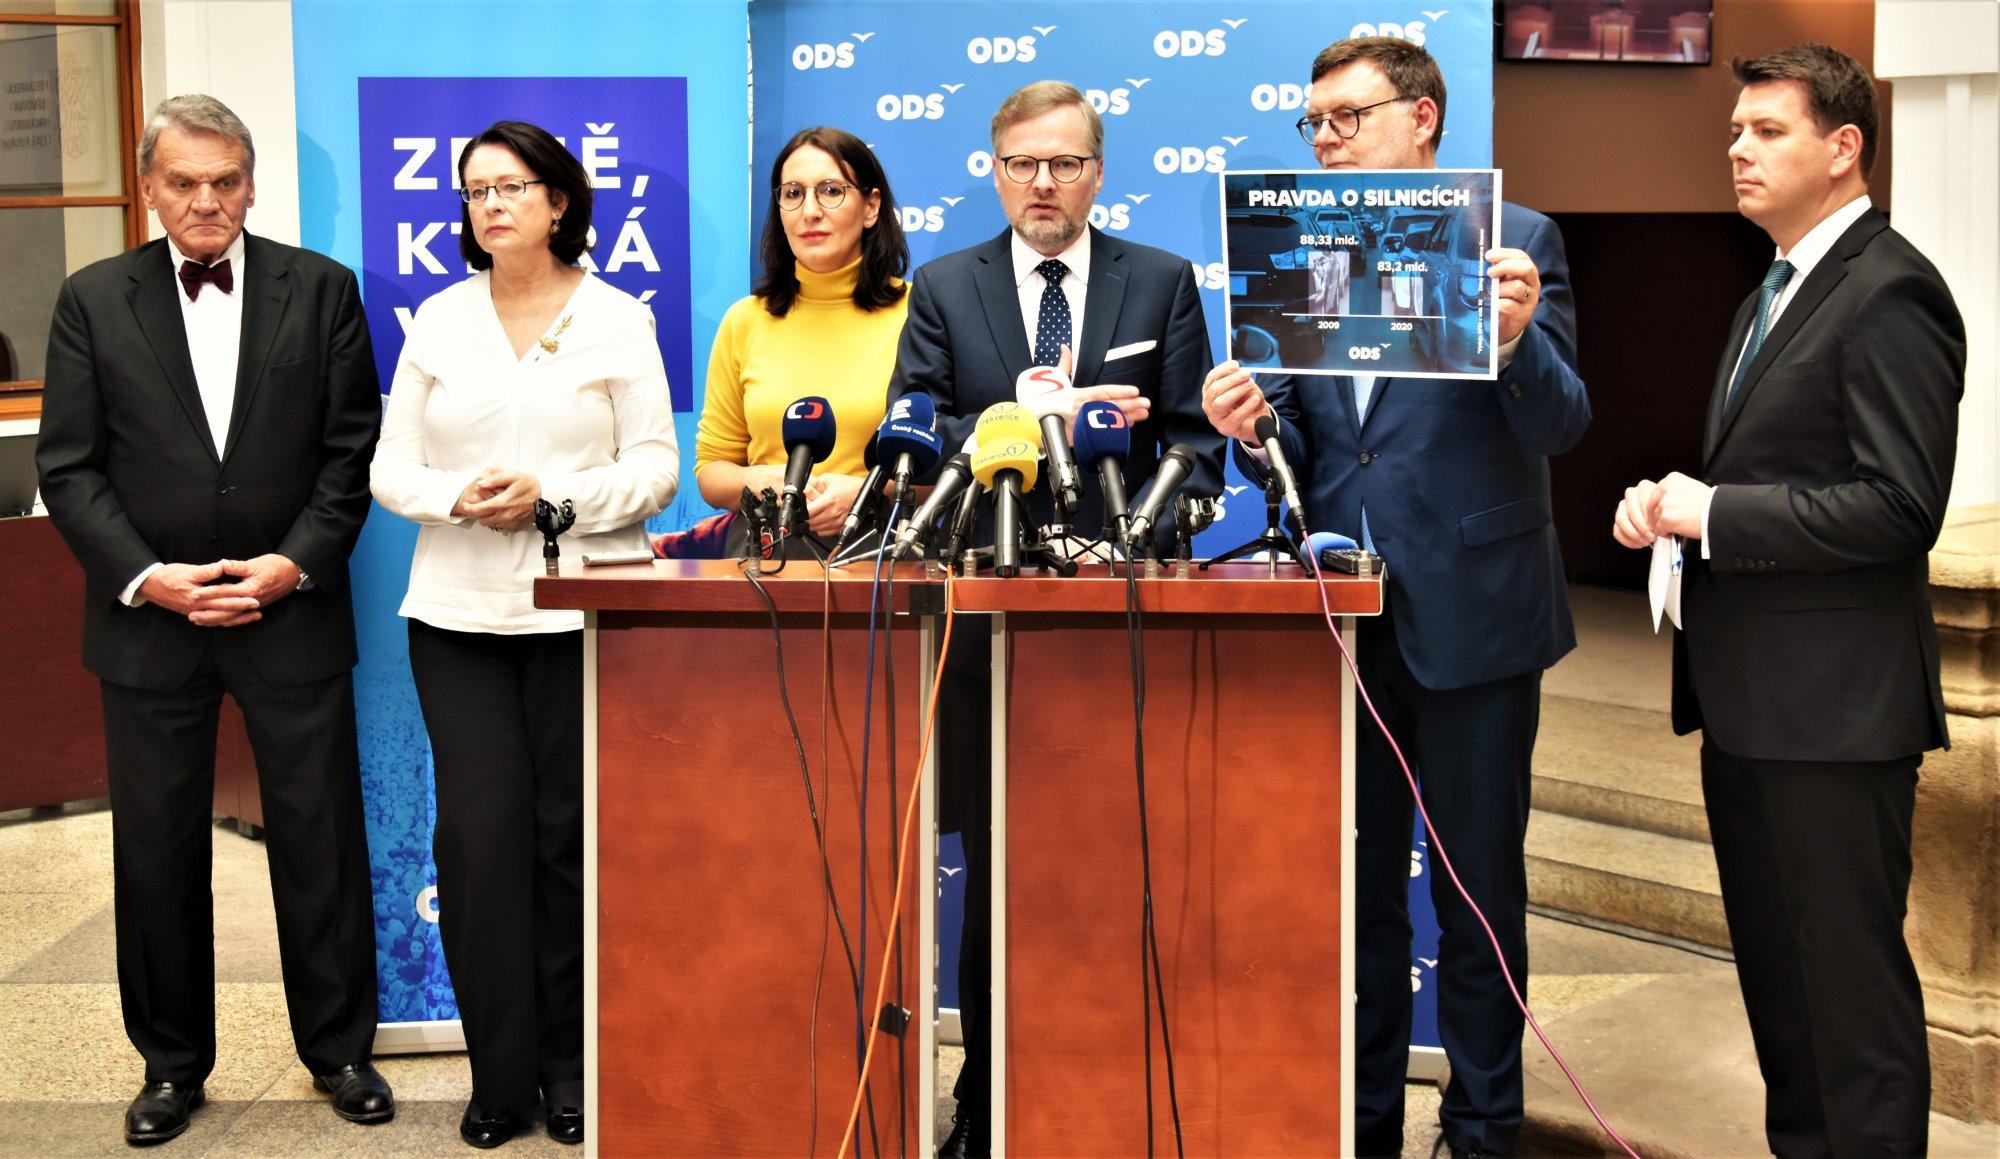 ODS: Vláda předkládá Sněmovně rozpočtově-kriminální trestný čin